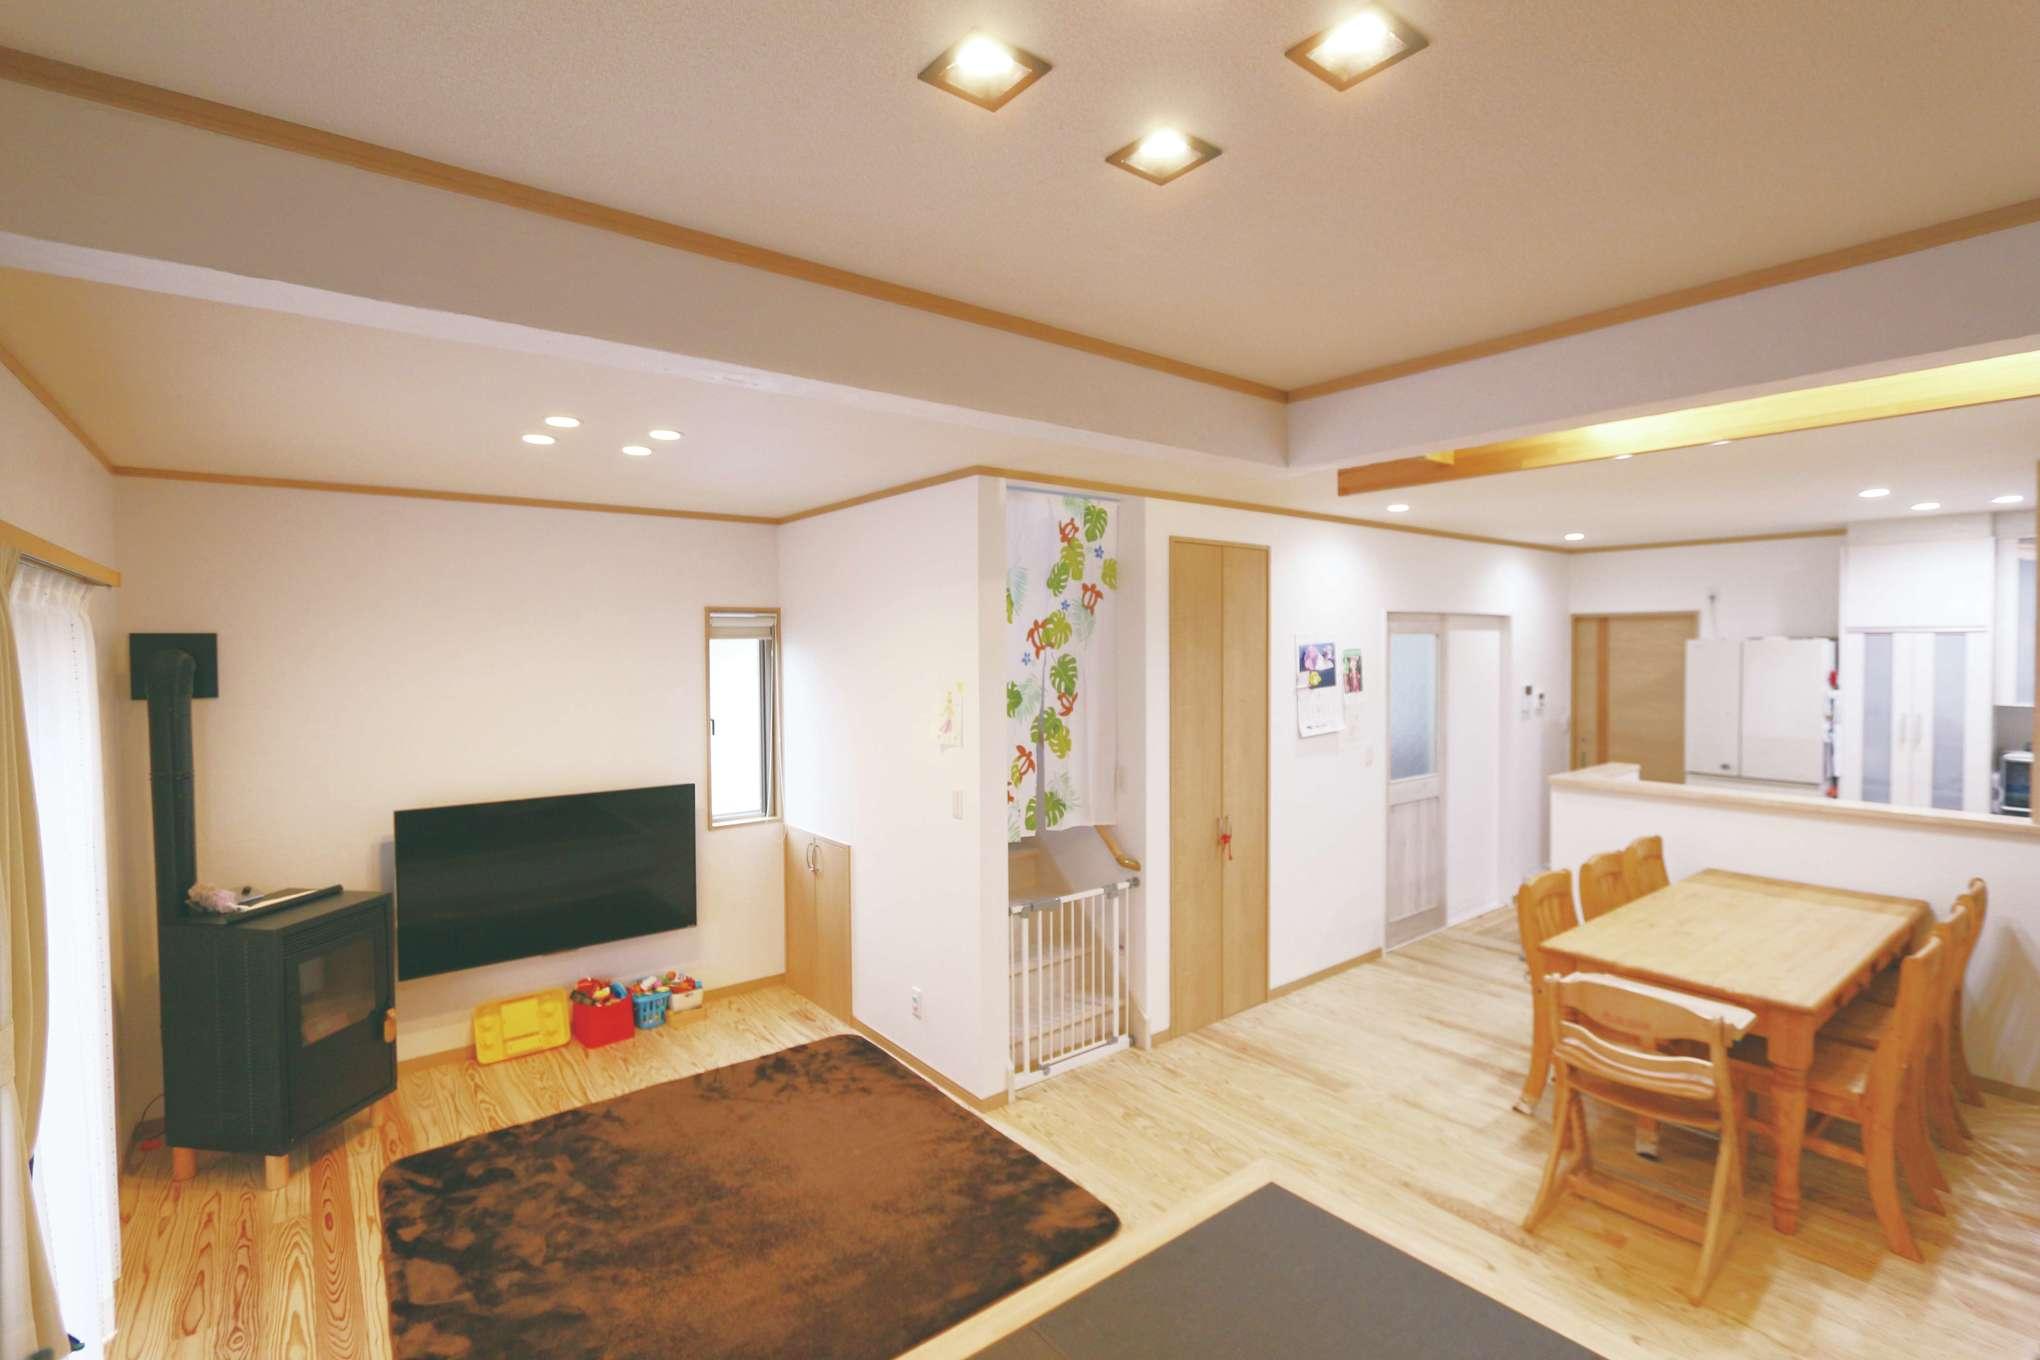 じゆうの家(藤田建設)【1000万円台、子育て、自然素材】LDKと洗面室、トイレ、2階の主寝室の壁はサンゴの塗り壁。調湿作用があり、空間を爽やかに保ってくれるため、長くいる部屋と湿度が高くなりがちな空間に採用した